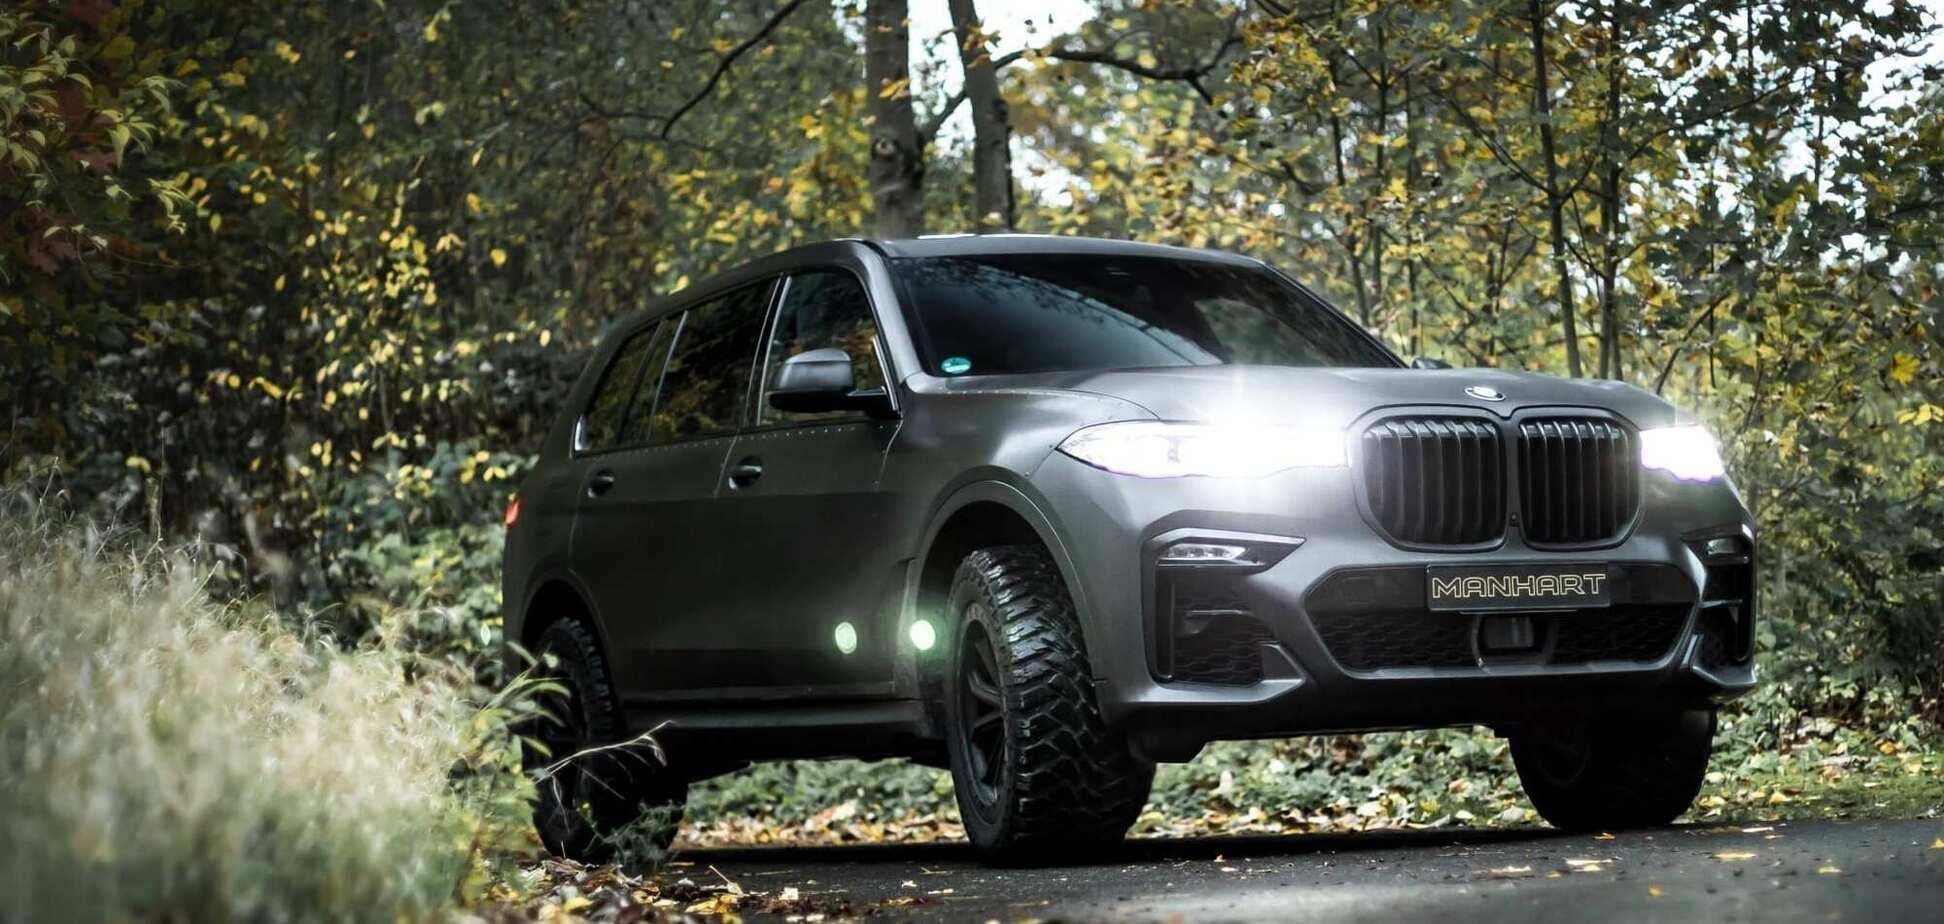 BMW X7 превратили в вездеход для бездорожья